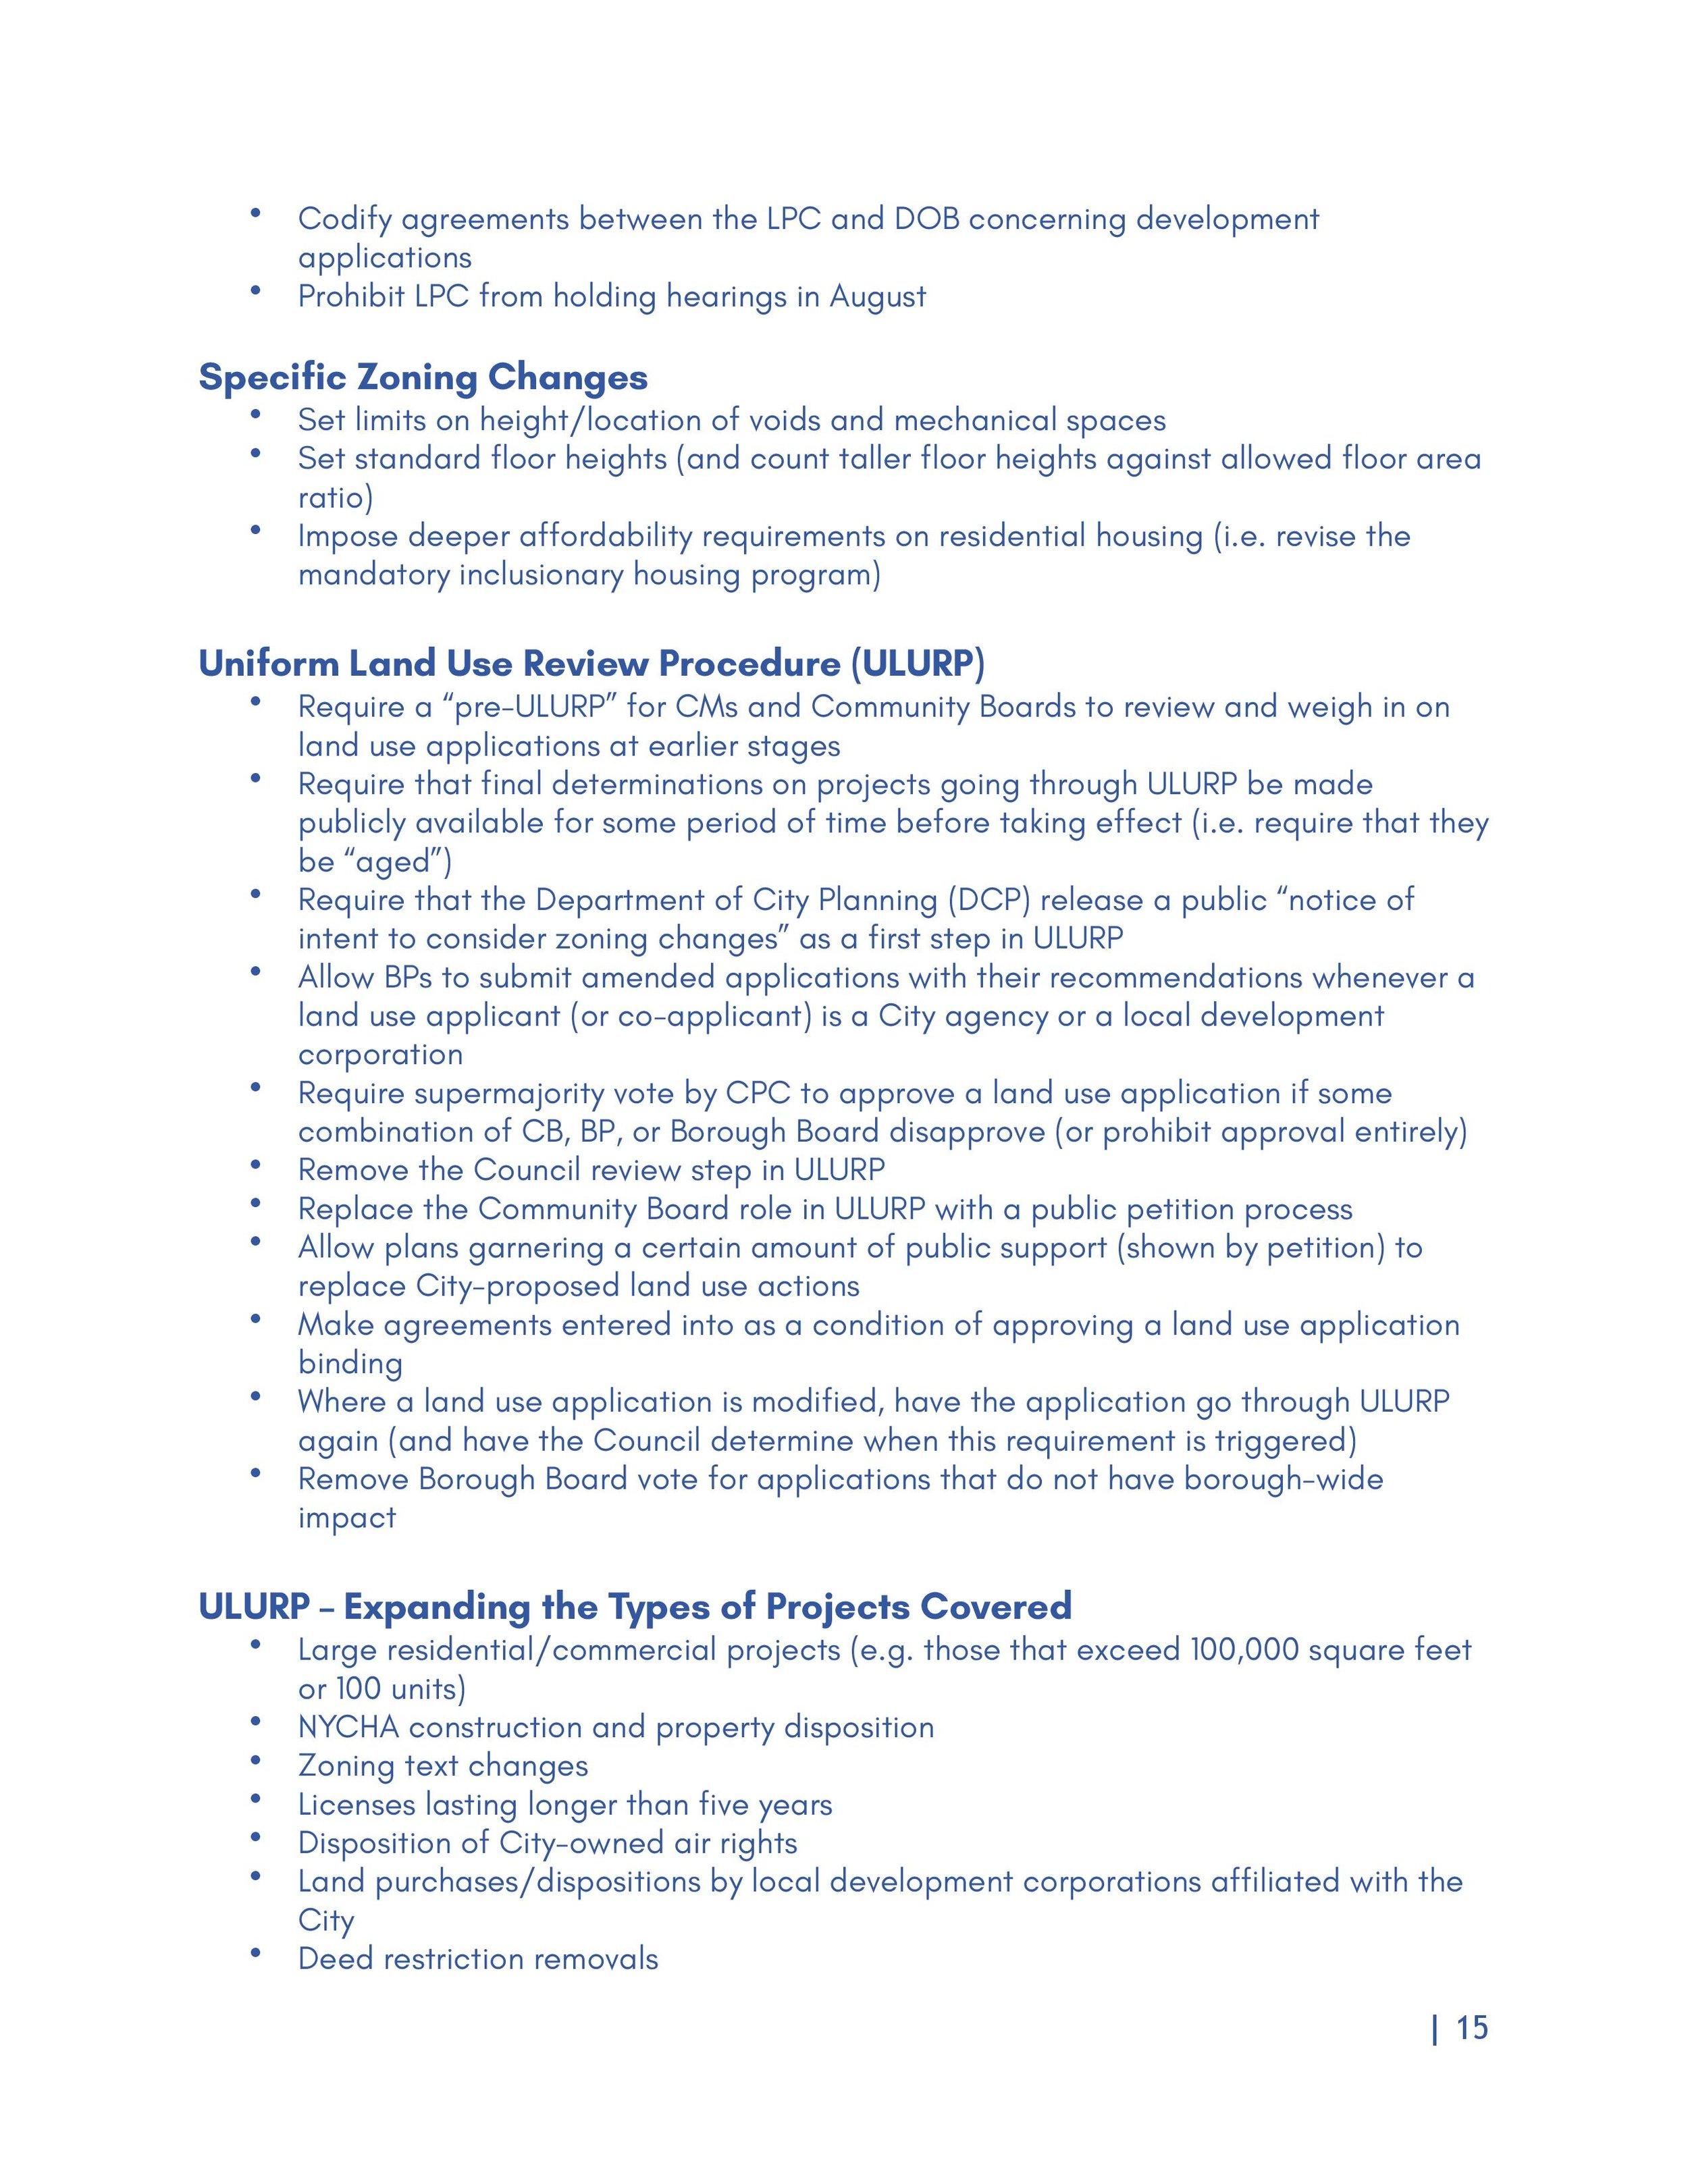 Proposals-page-015.jpg